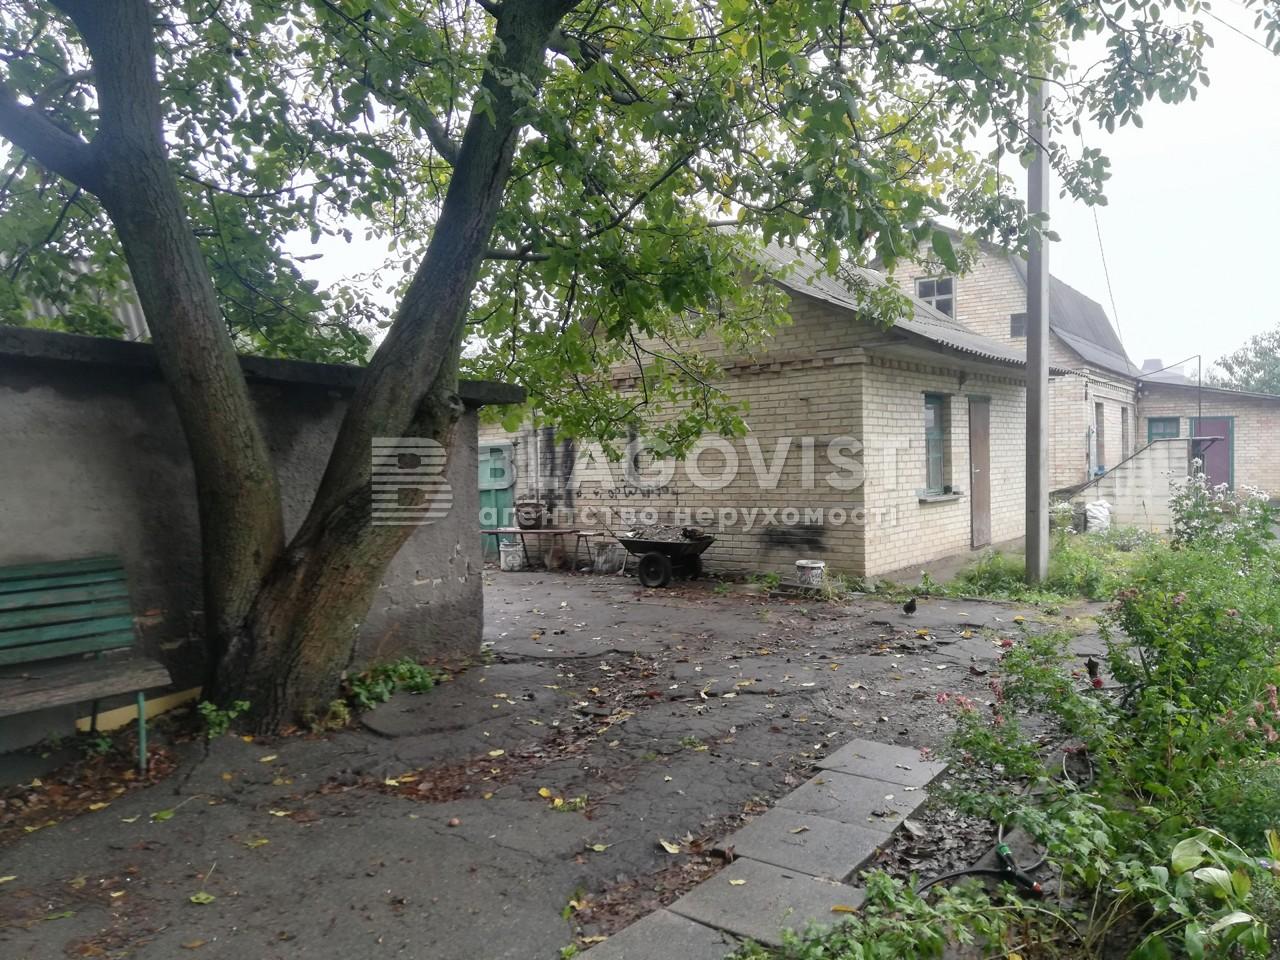 Земельный участок E-40231, Ермоленко, Новоселки (Киево-Святошинский) - Фото 1